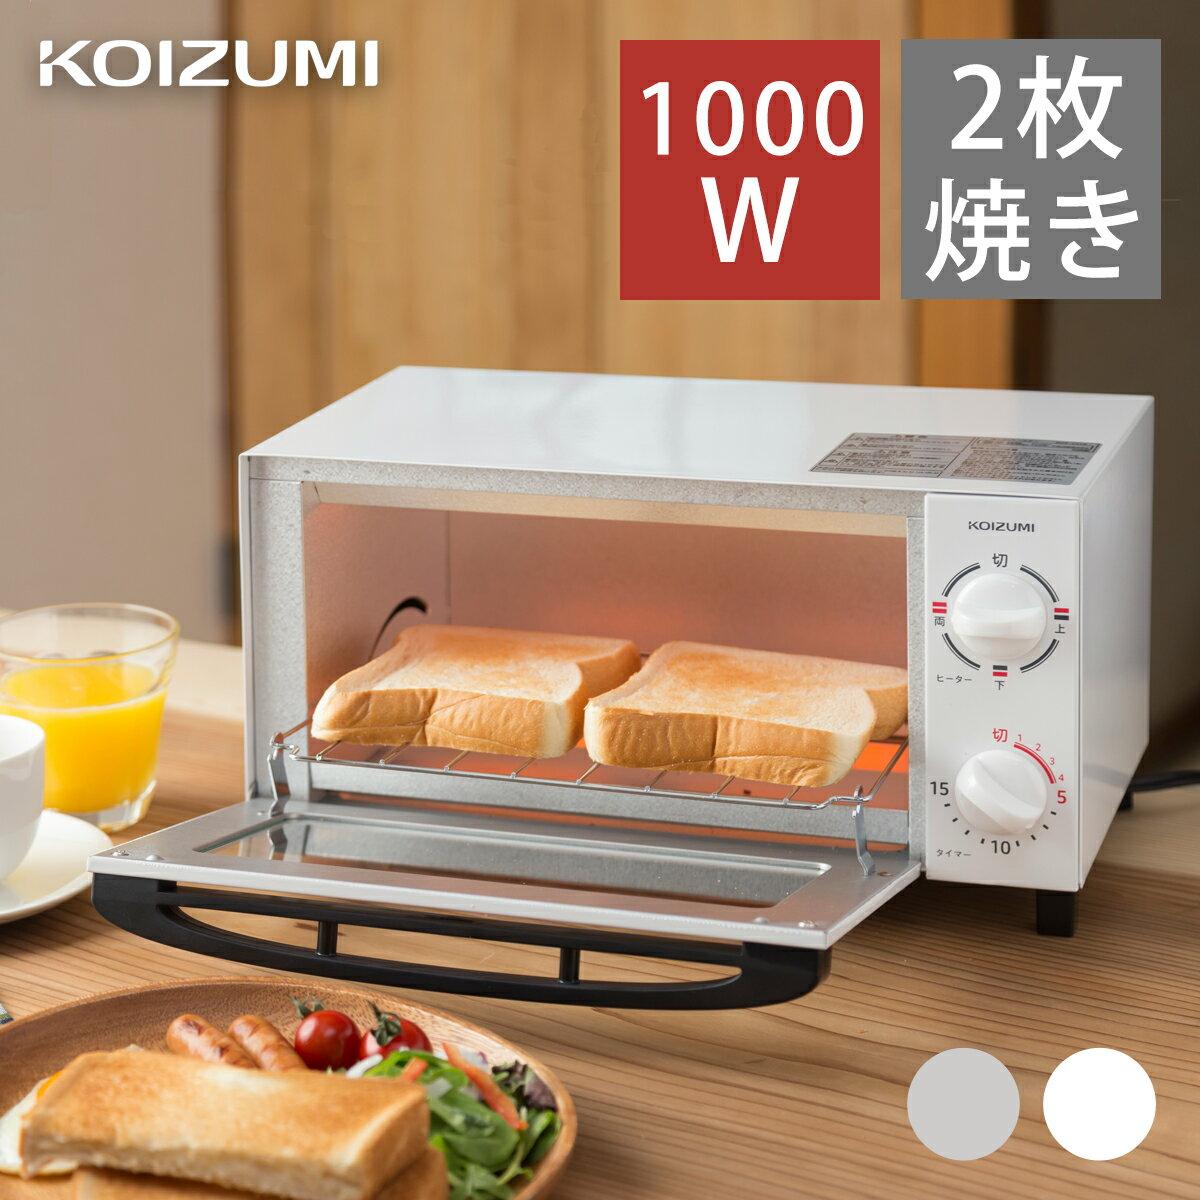 トースター オーブントースター KOIZUMI KOS-1026 | 送料無料 おしゃれ コンパクト 小型 1000W 2枚 上下 切替 切り替え メッシュ網 横型 パン トースト オーブン パン焼き器 コイズミ KOS1026H